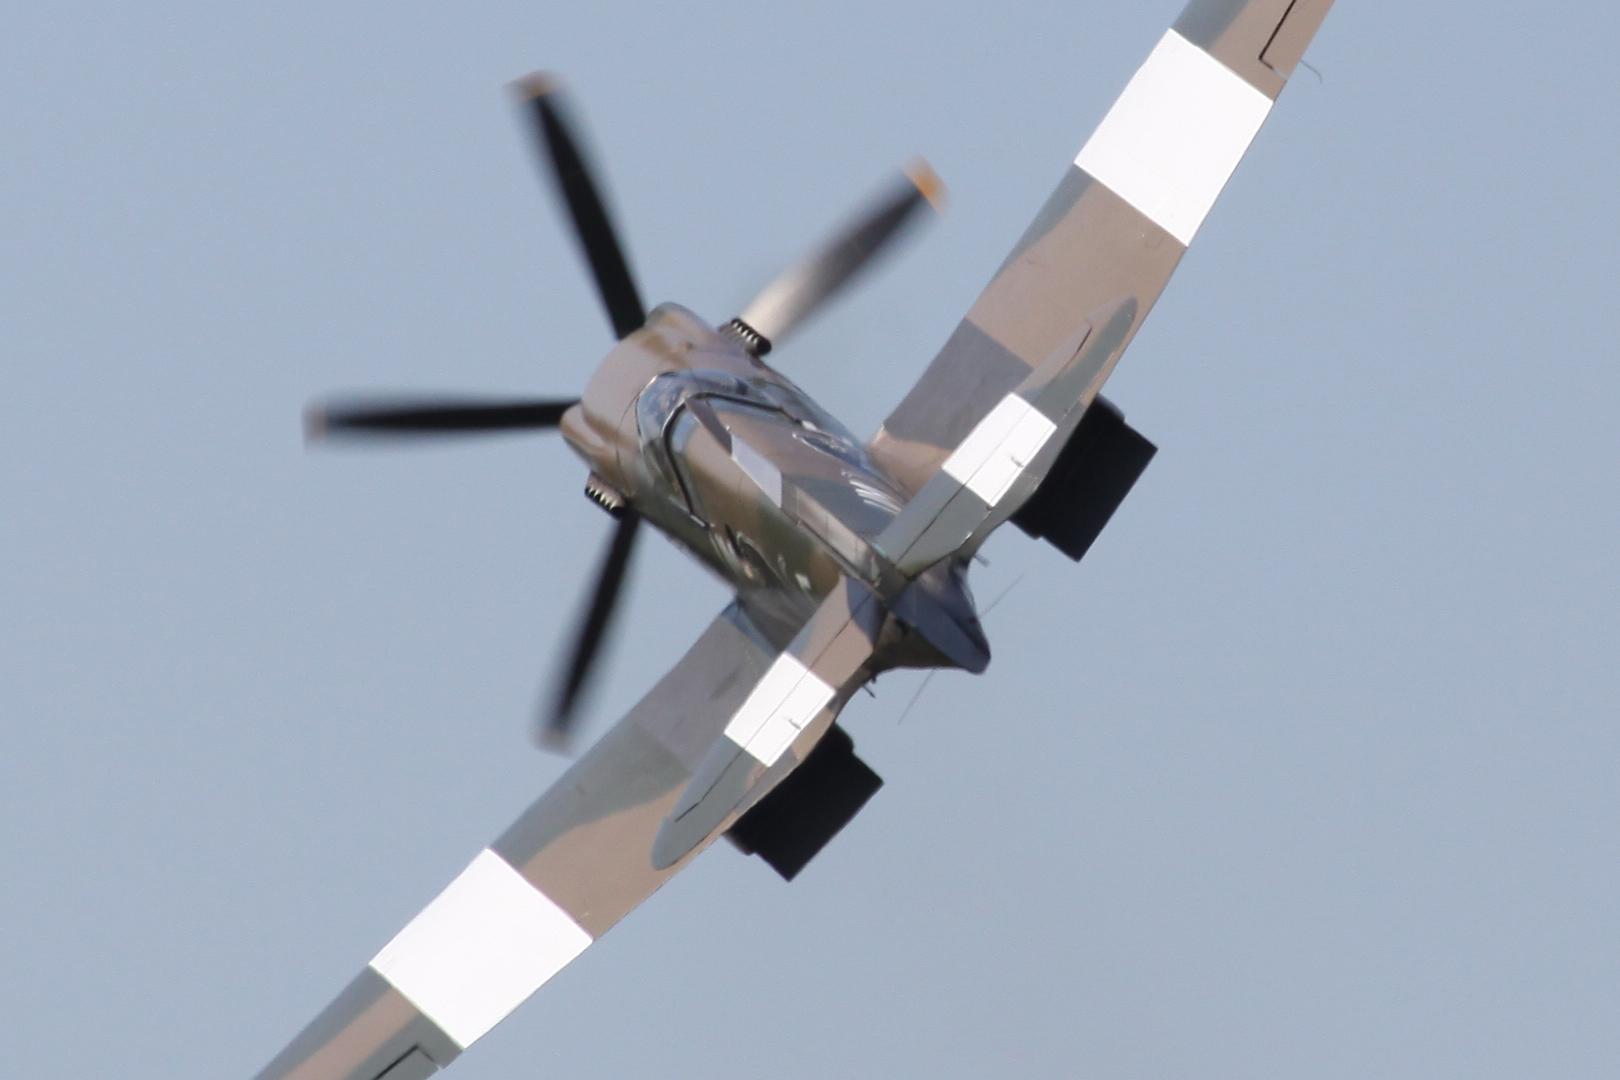 Spitfire: Auch von der rückwärtigen Ansicht sieht sie toll aus